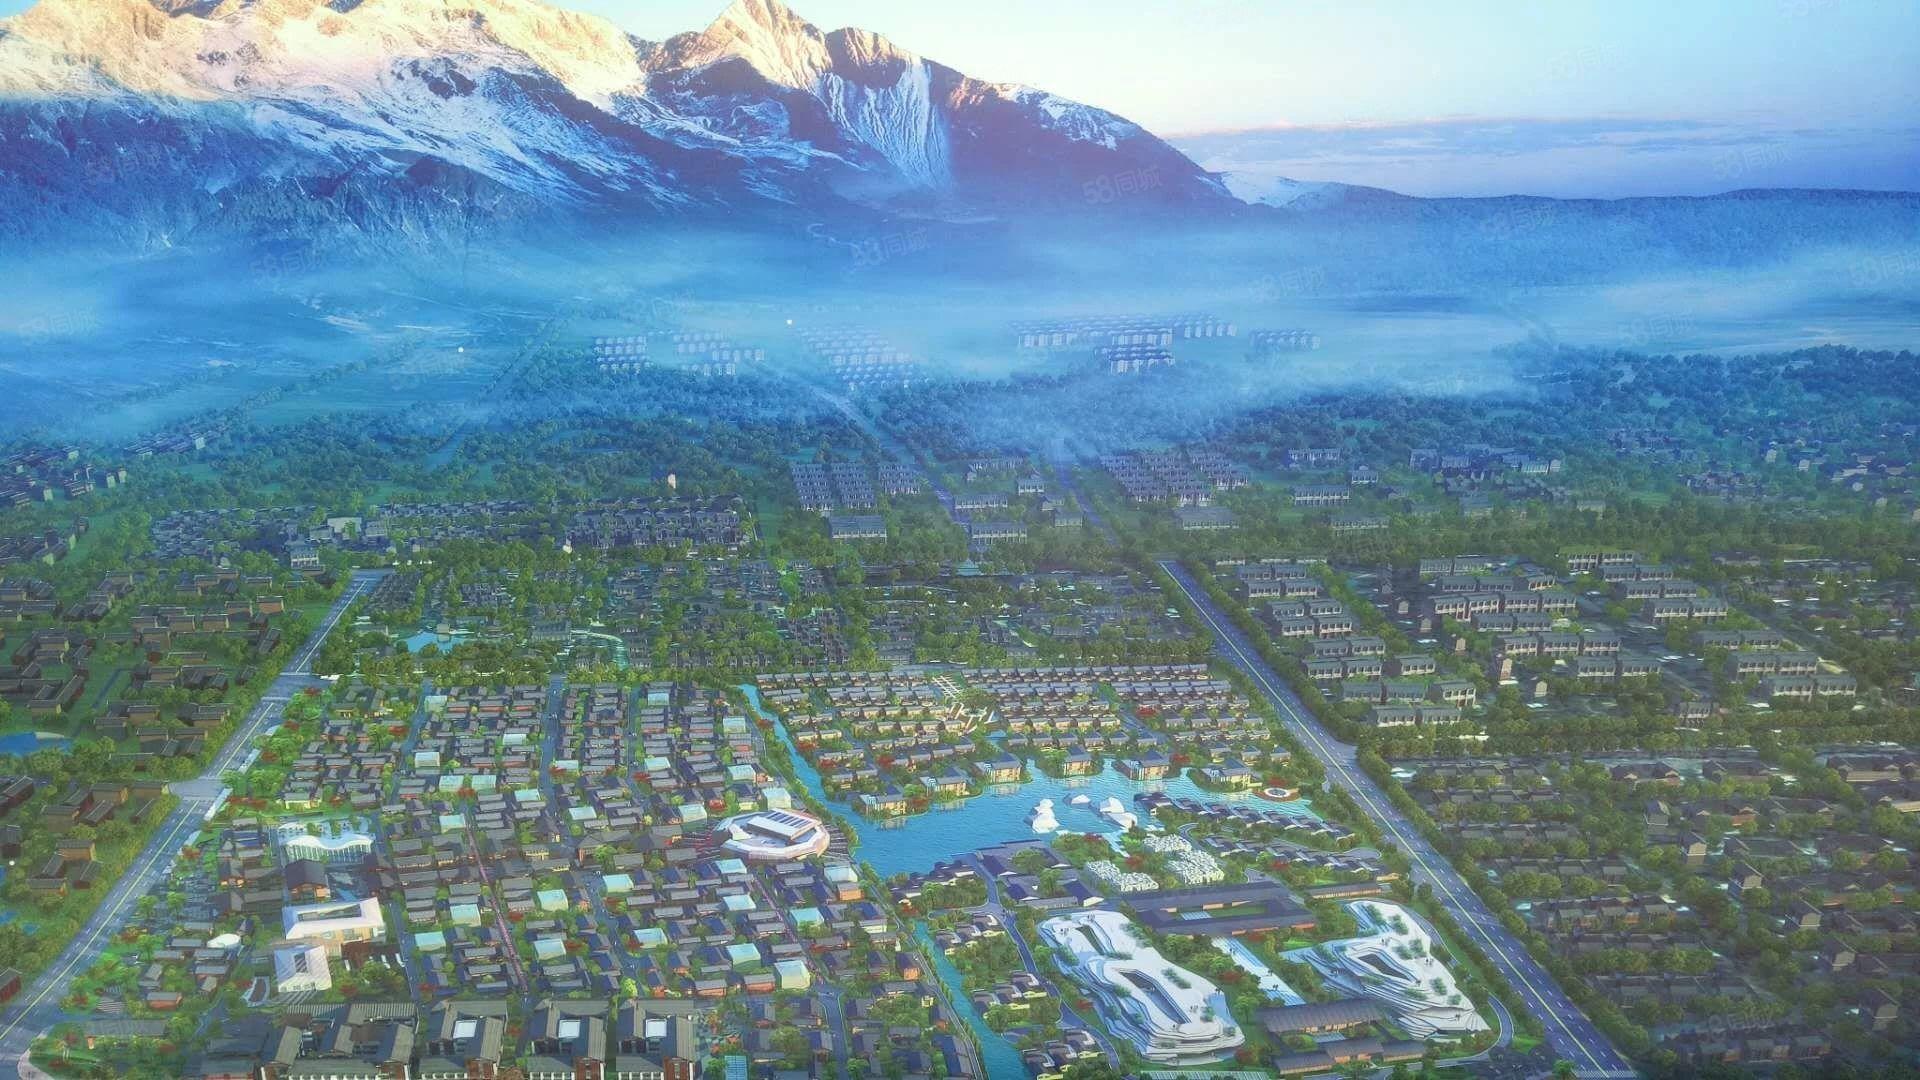 周末特价,雪山下的独栋别墅,在这土地需却的城市您还在犹豫?